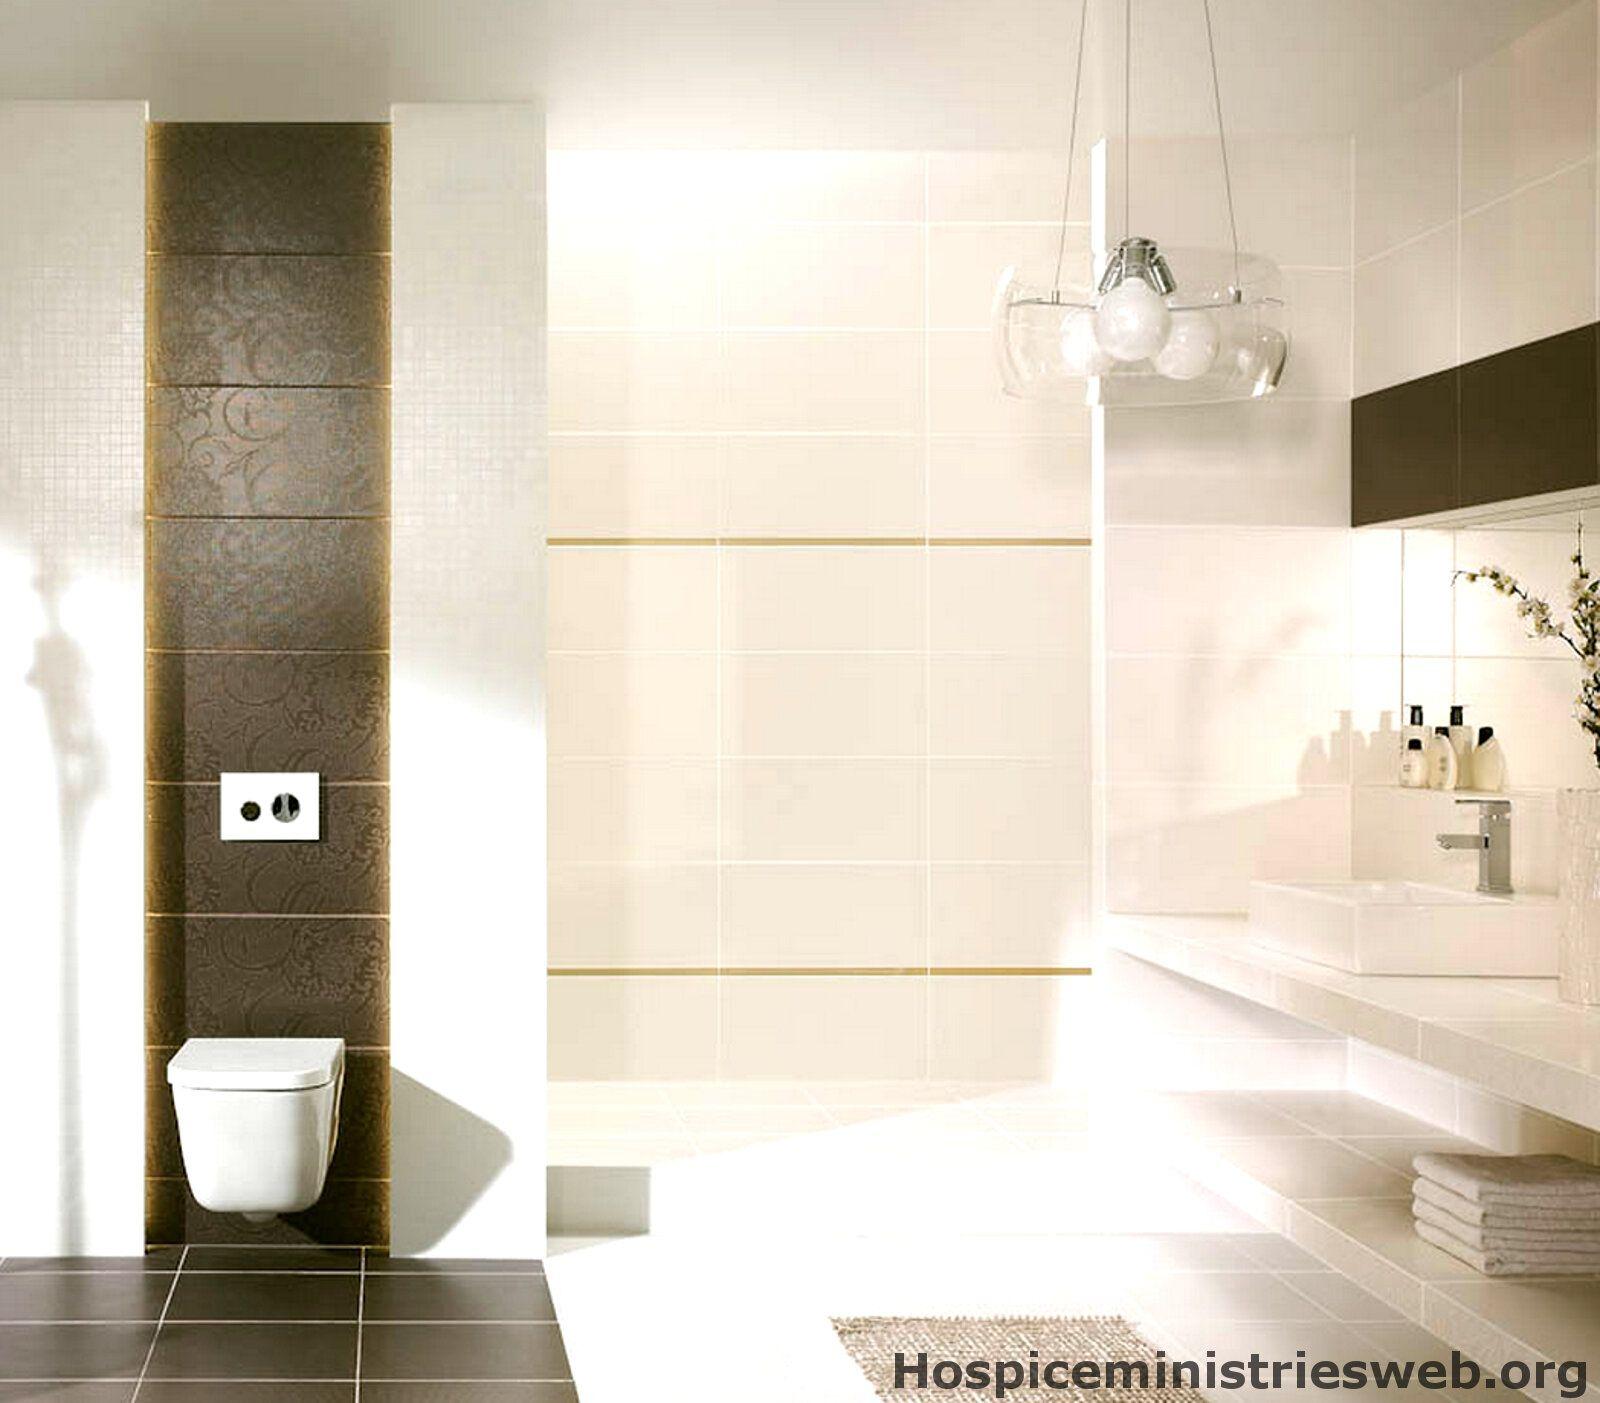 Badezimmer Ideen: 35 Ideen Für Badezimmer Braun Beige Wohn Ideen